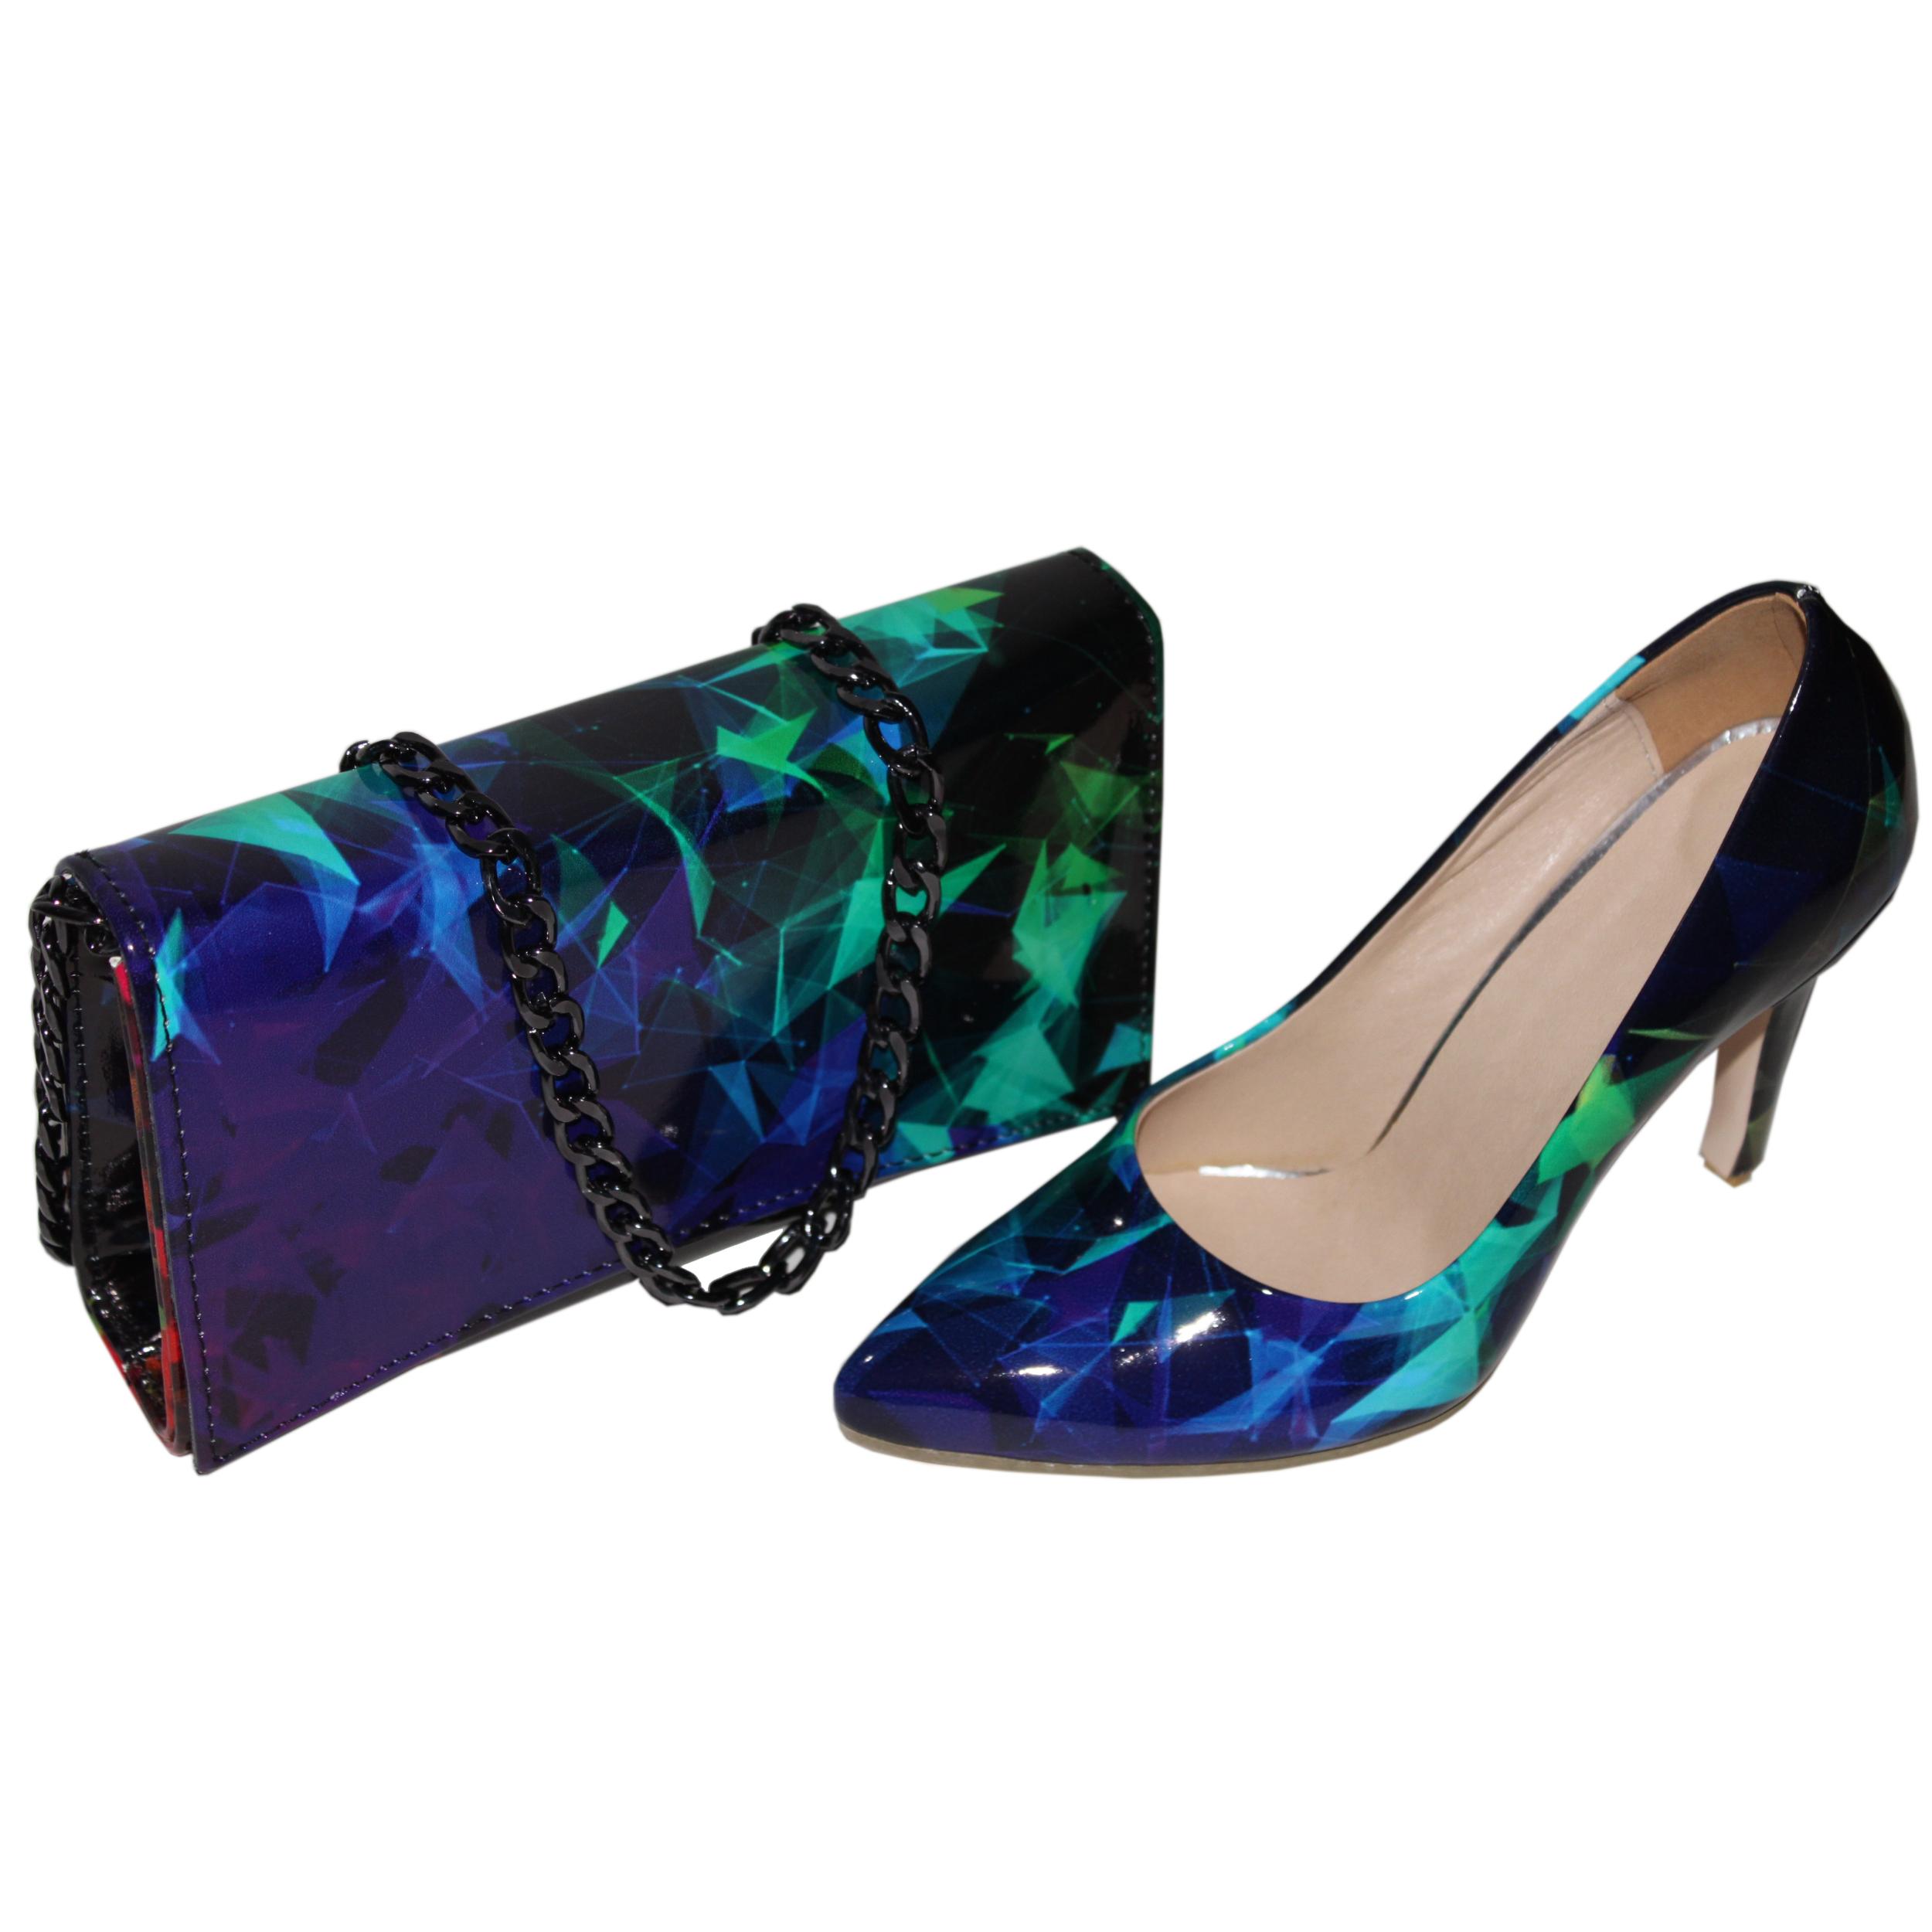 ست کیف و کفش زنانه کد 324